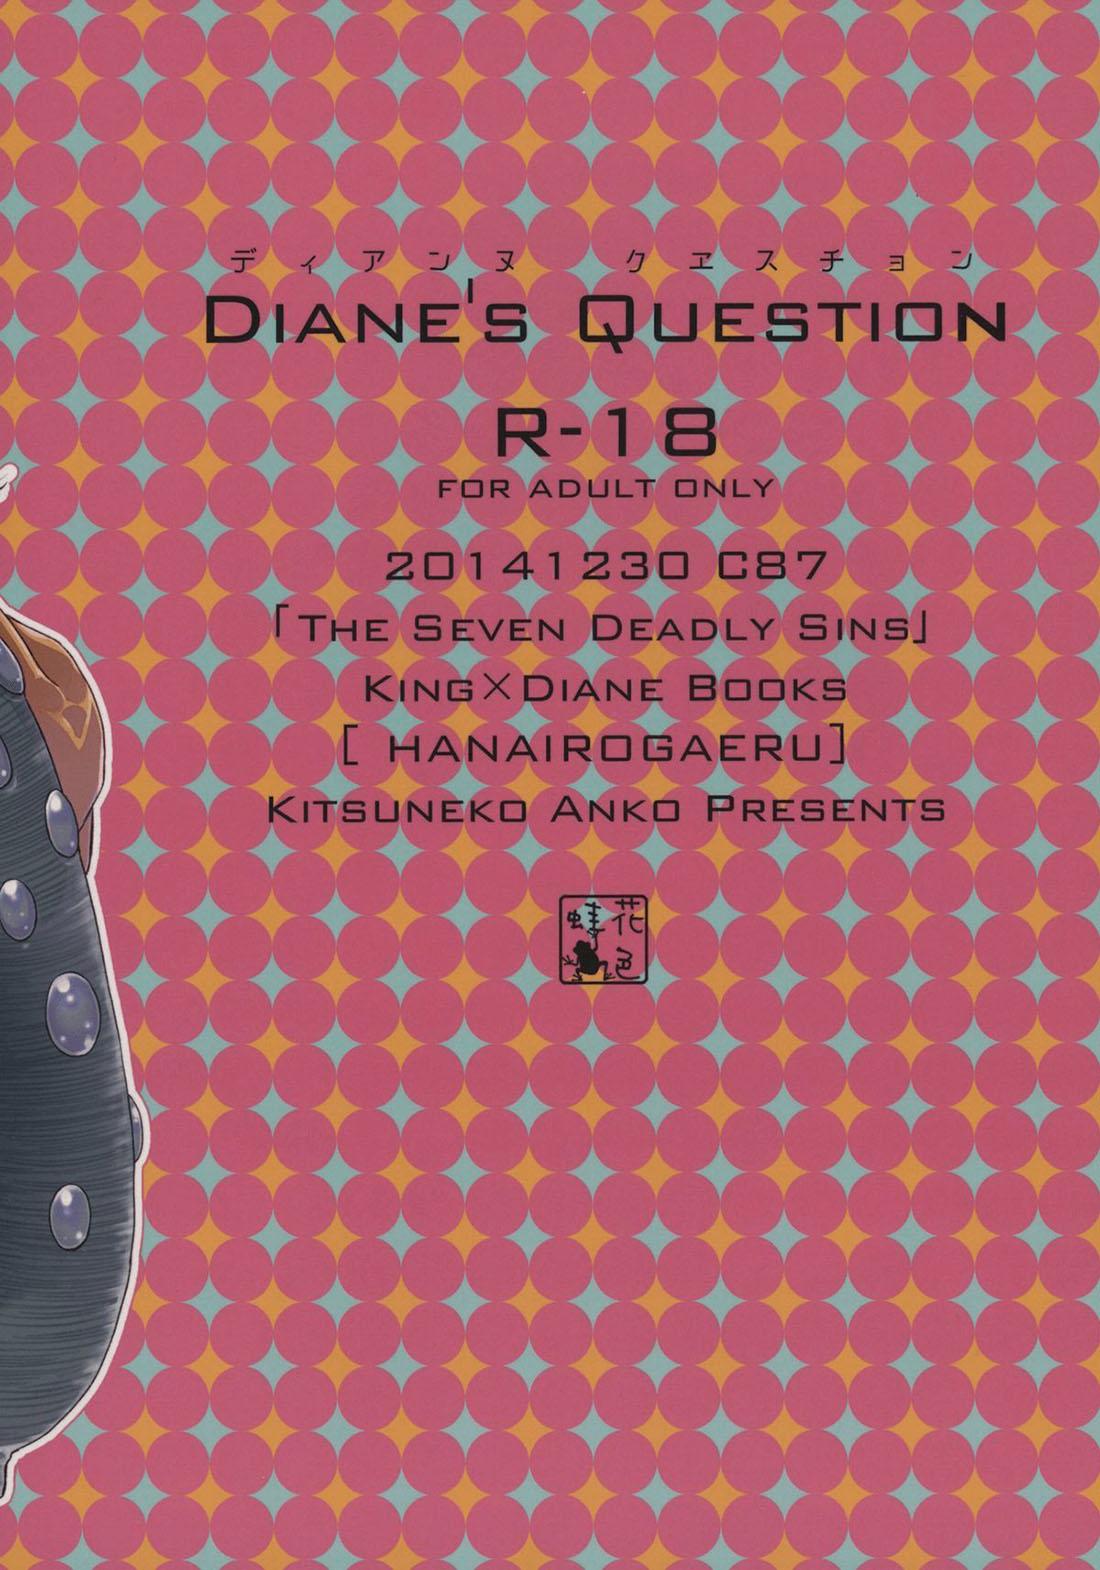 DIANES Question